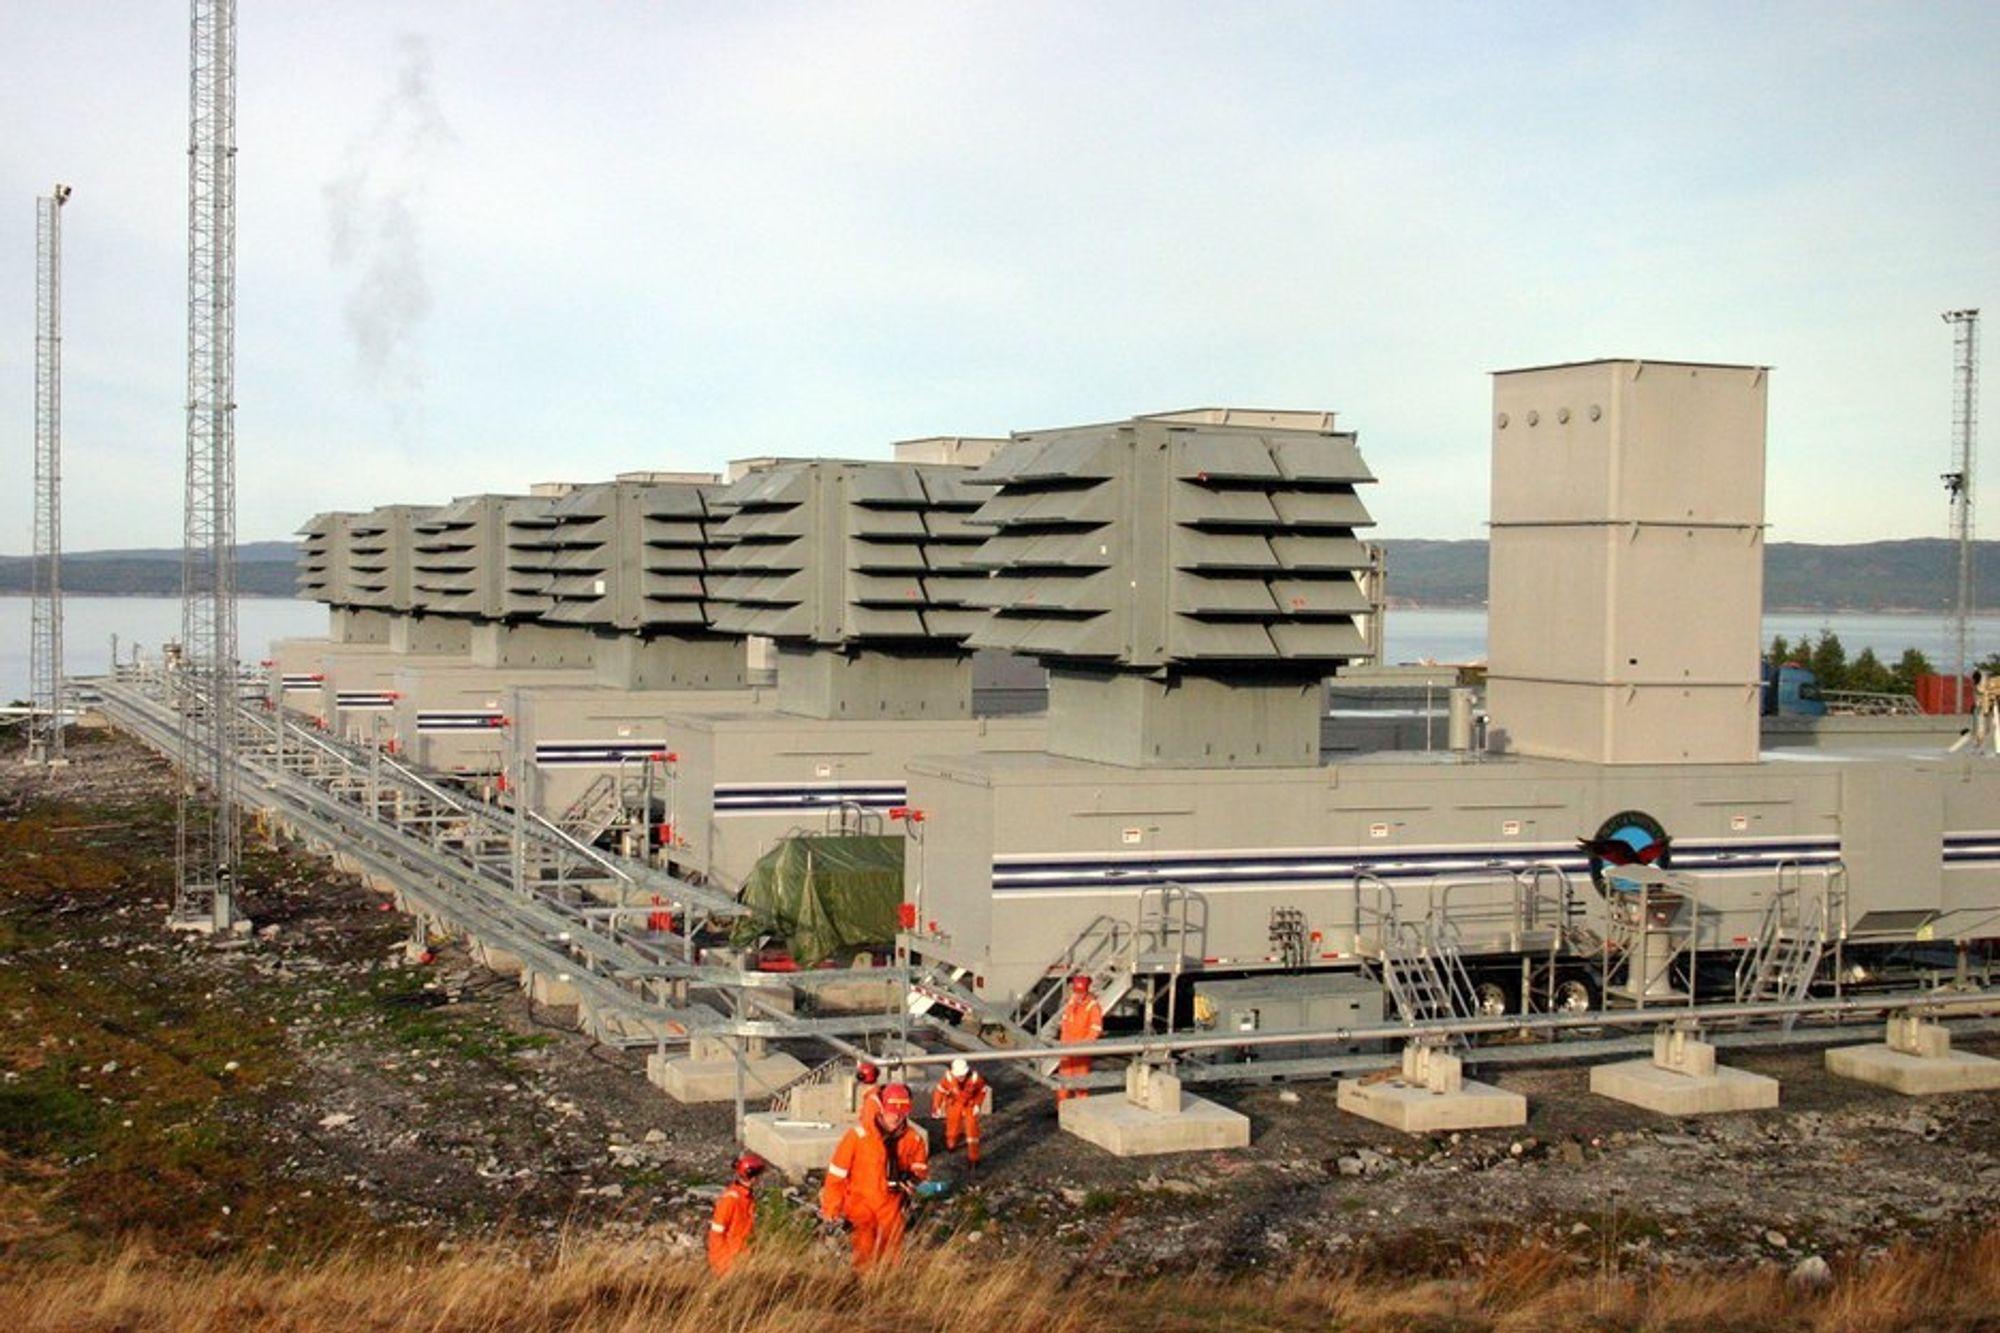 PRISSJOKK: Frp ønsker å starte opp de mobile gasskraftverkene i Møre og Romsdal for å hindre prissjokk på strøm.